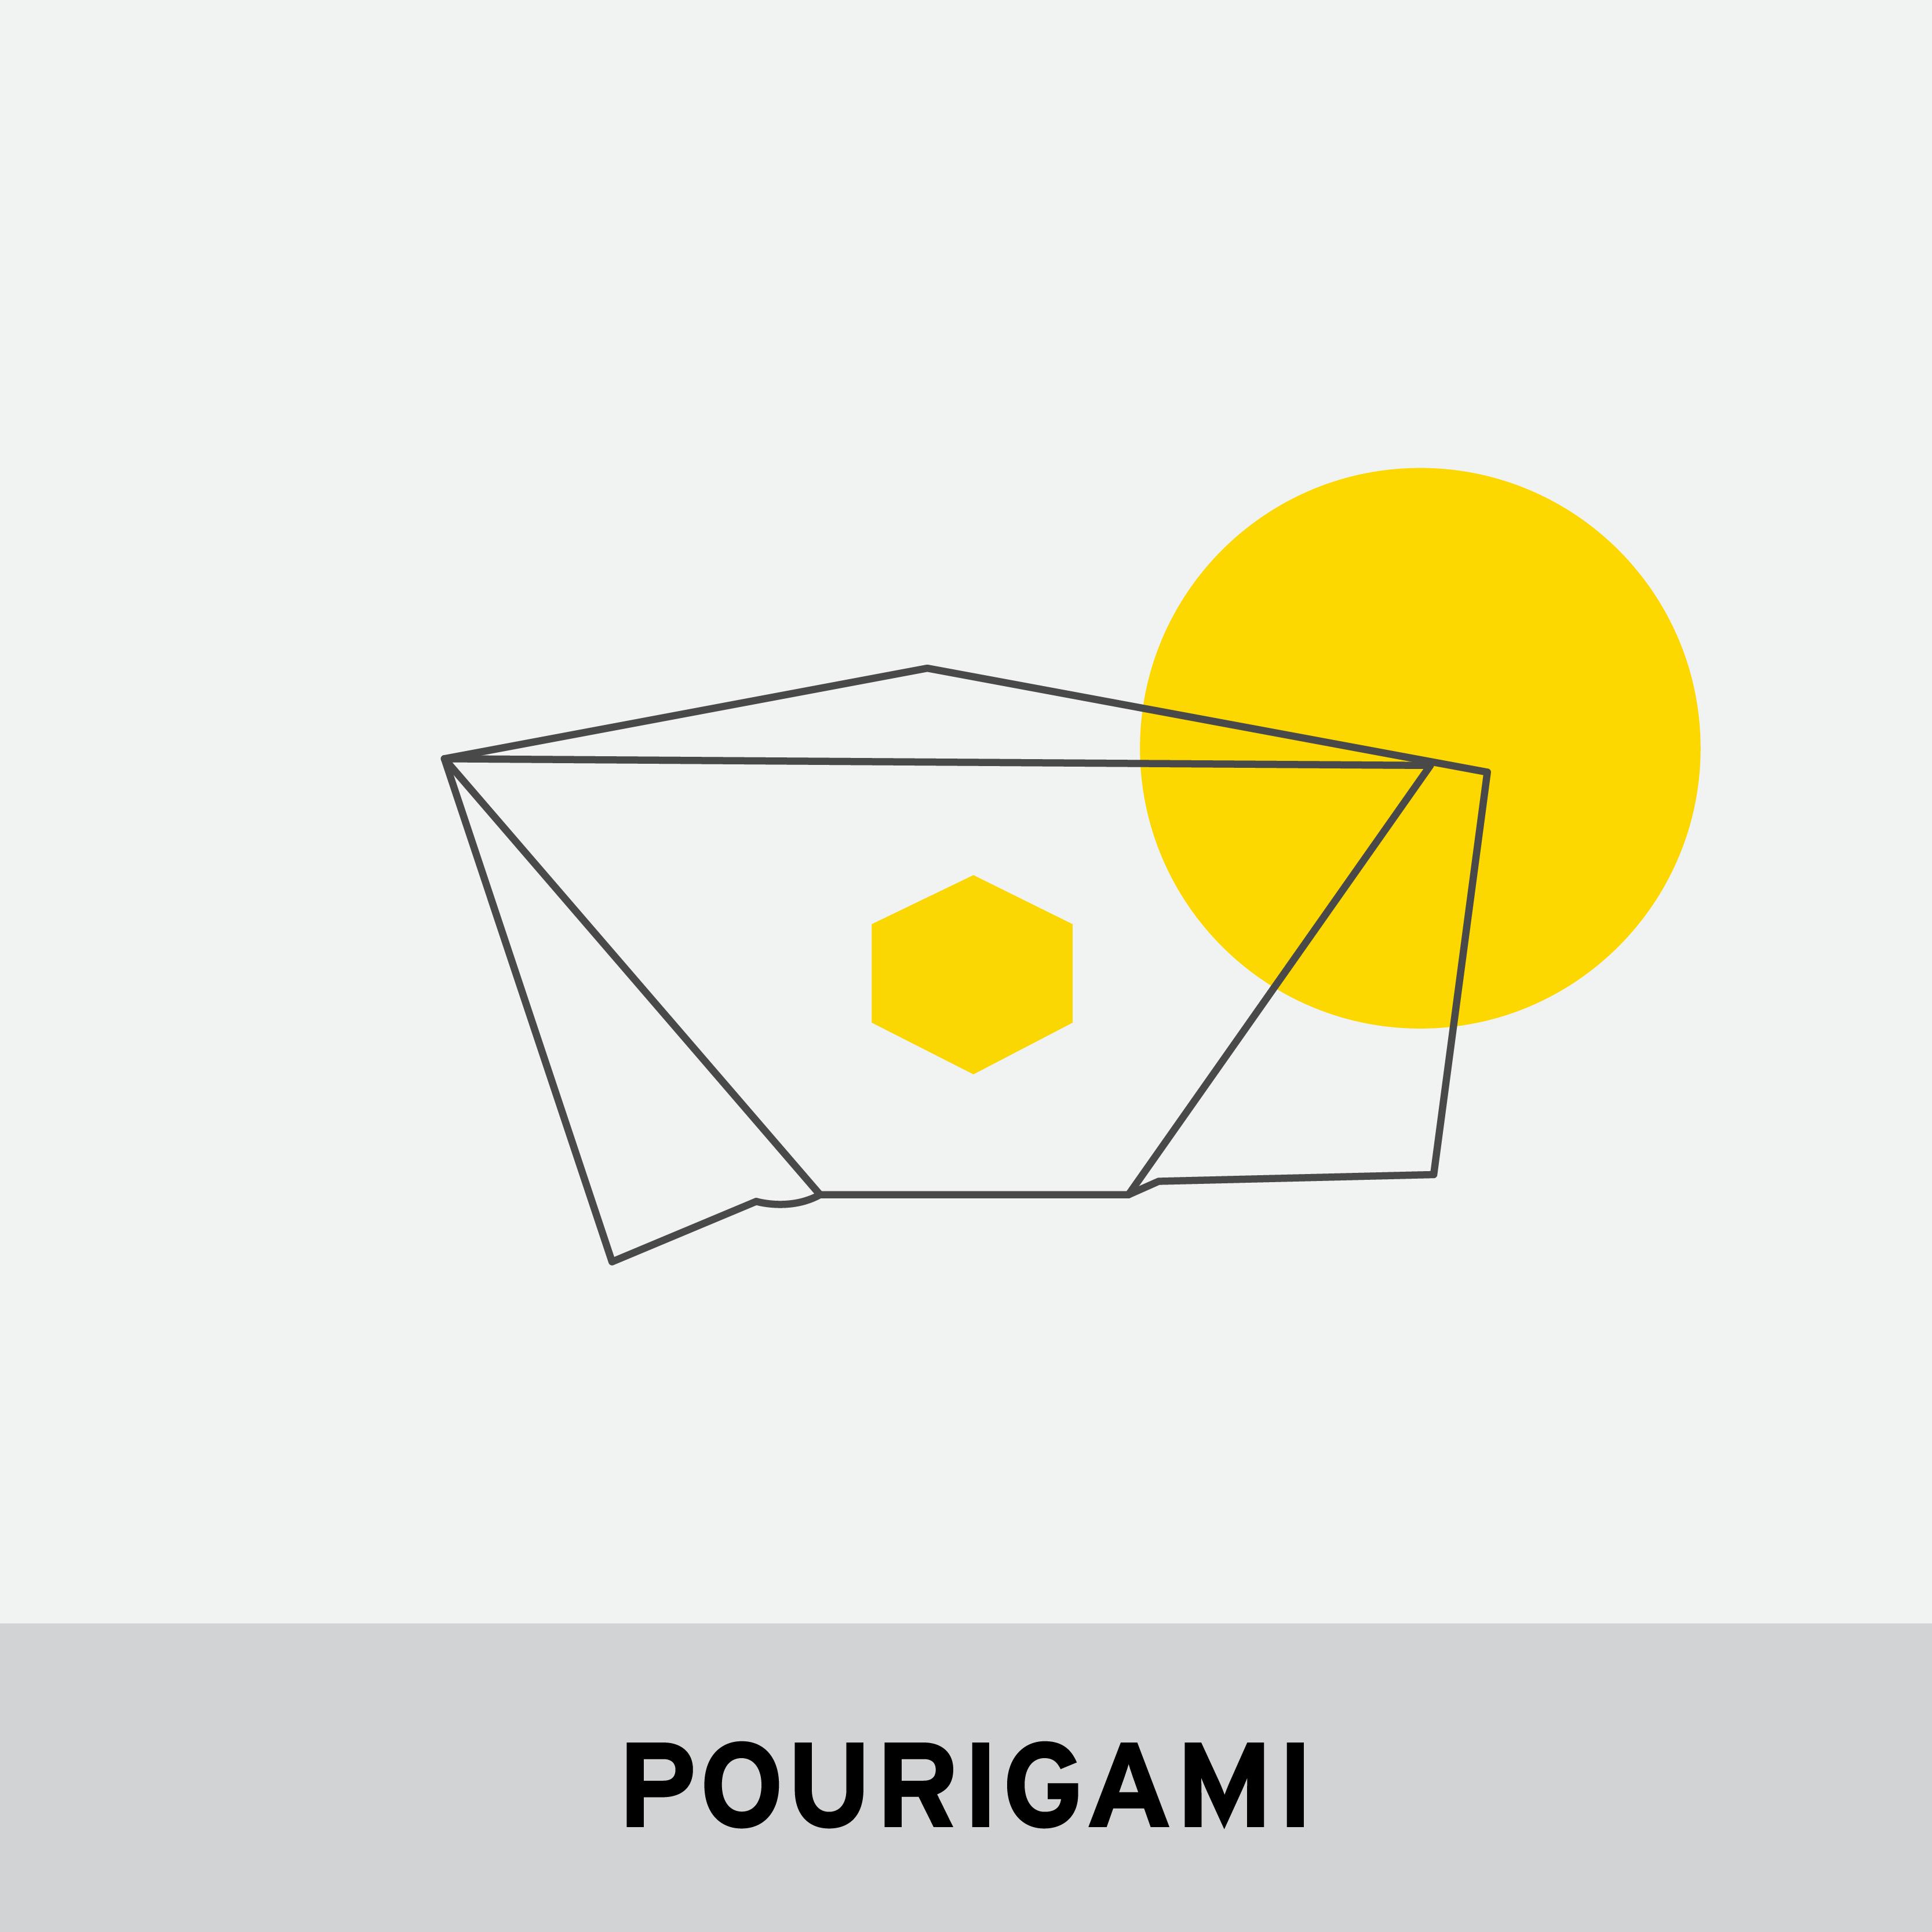 POURIGAMI